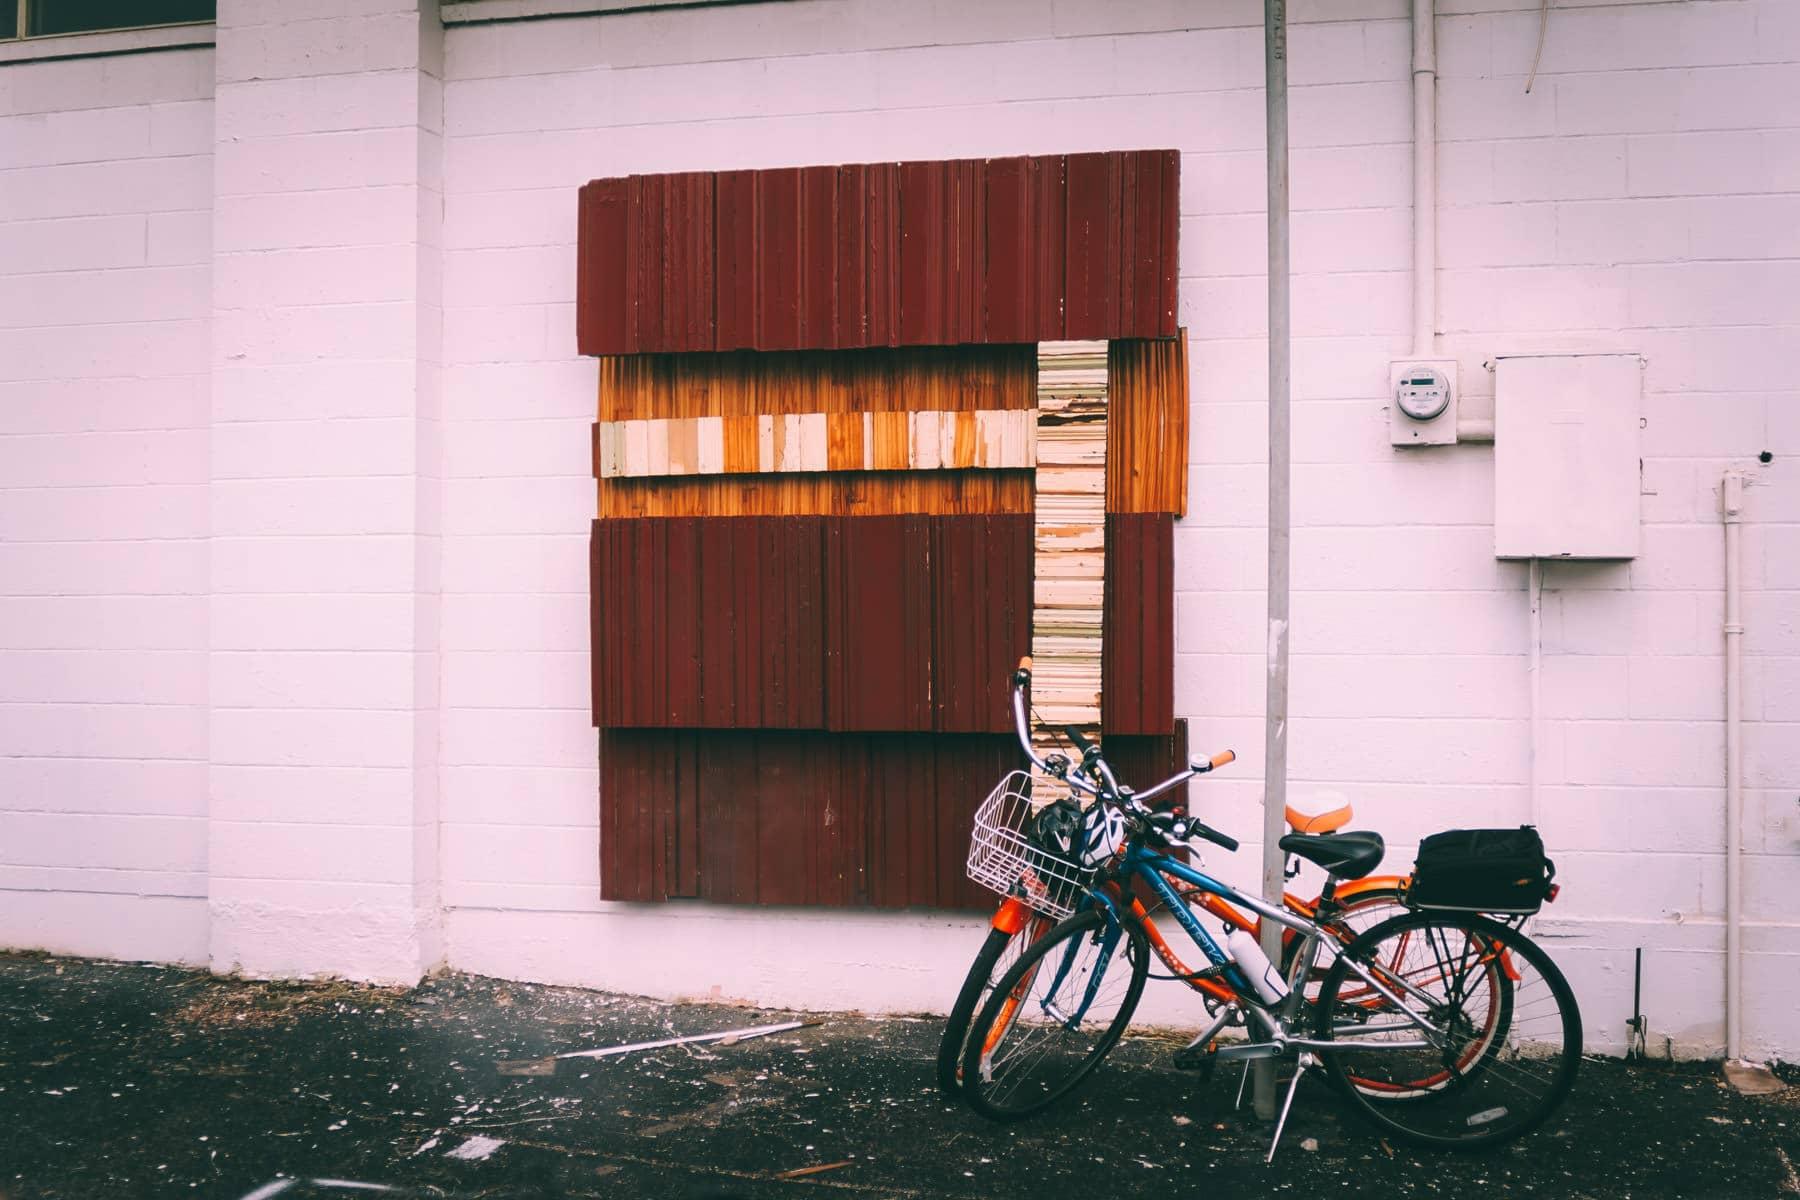 Bikes in an Oak Cliff, Dallas, alleyway.